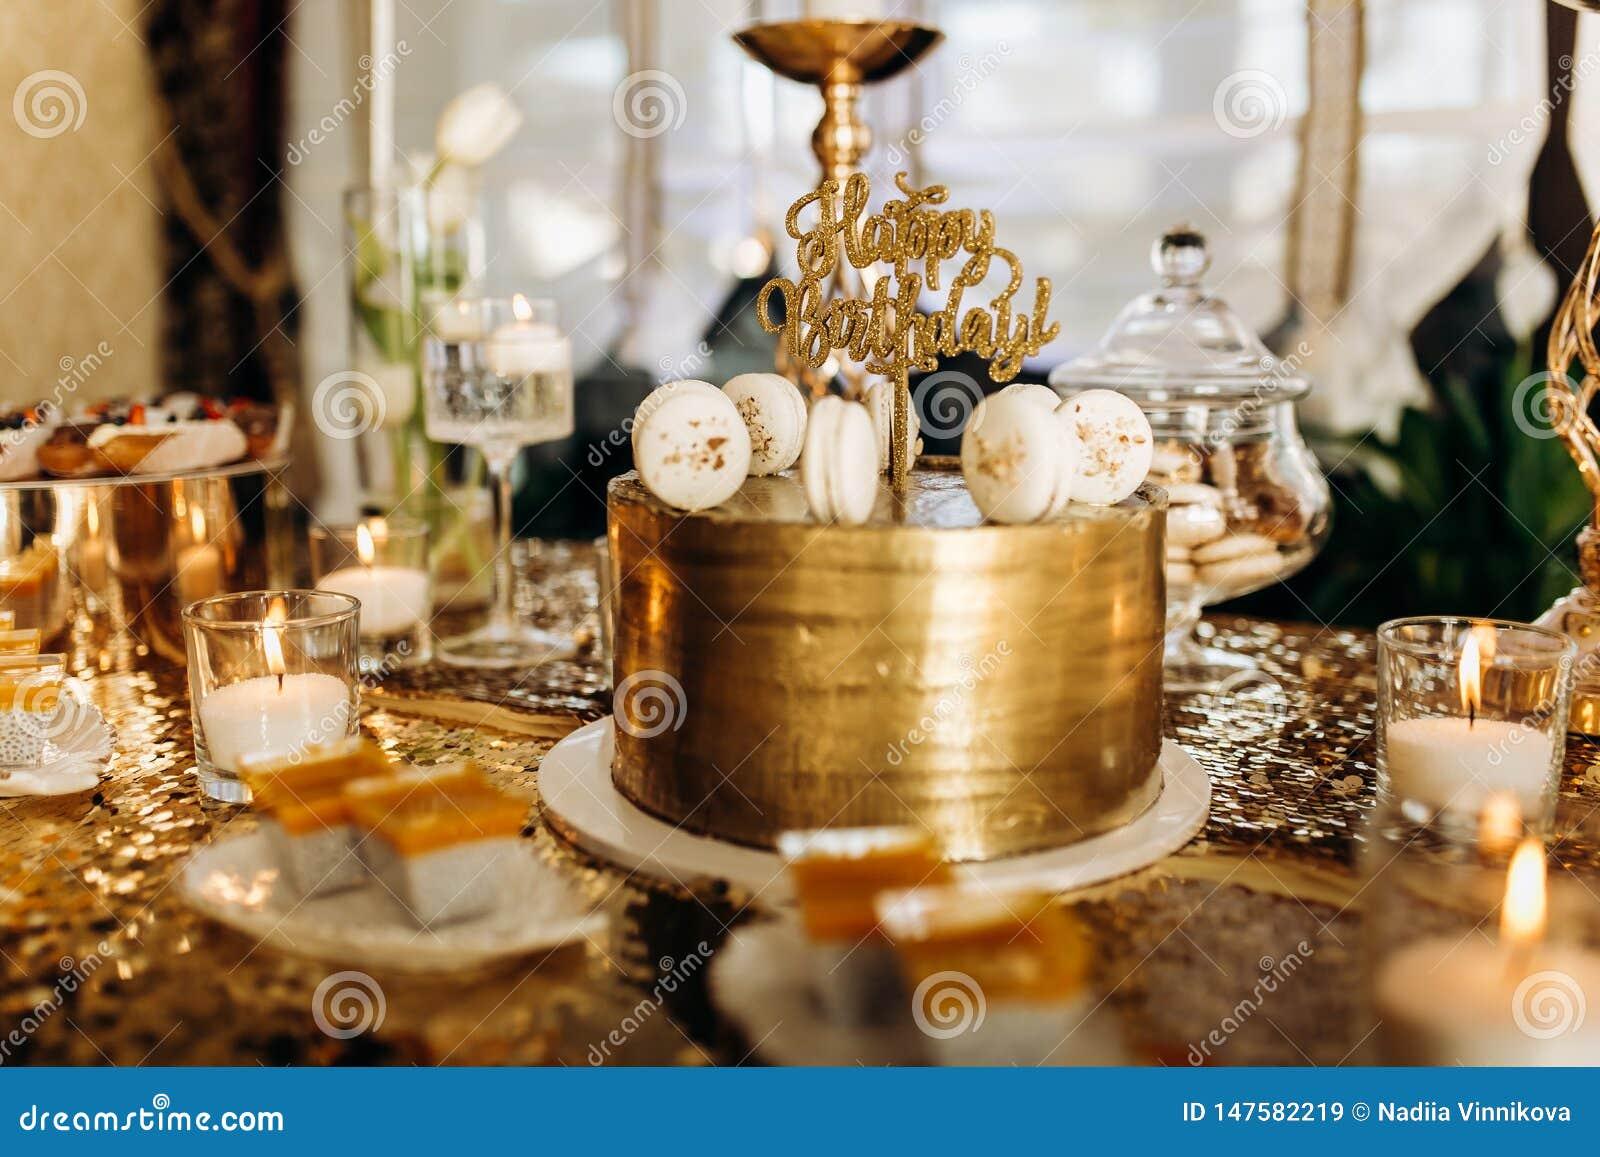 Золотой именниный пирог украшен с макаронами